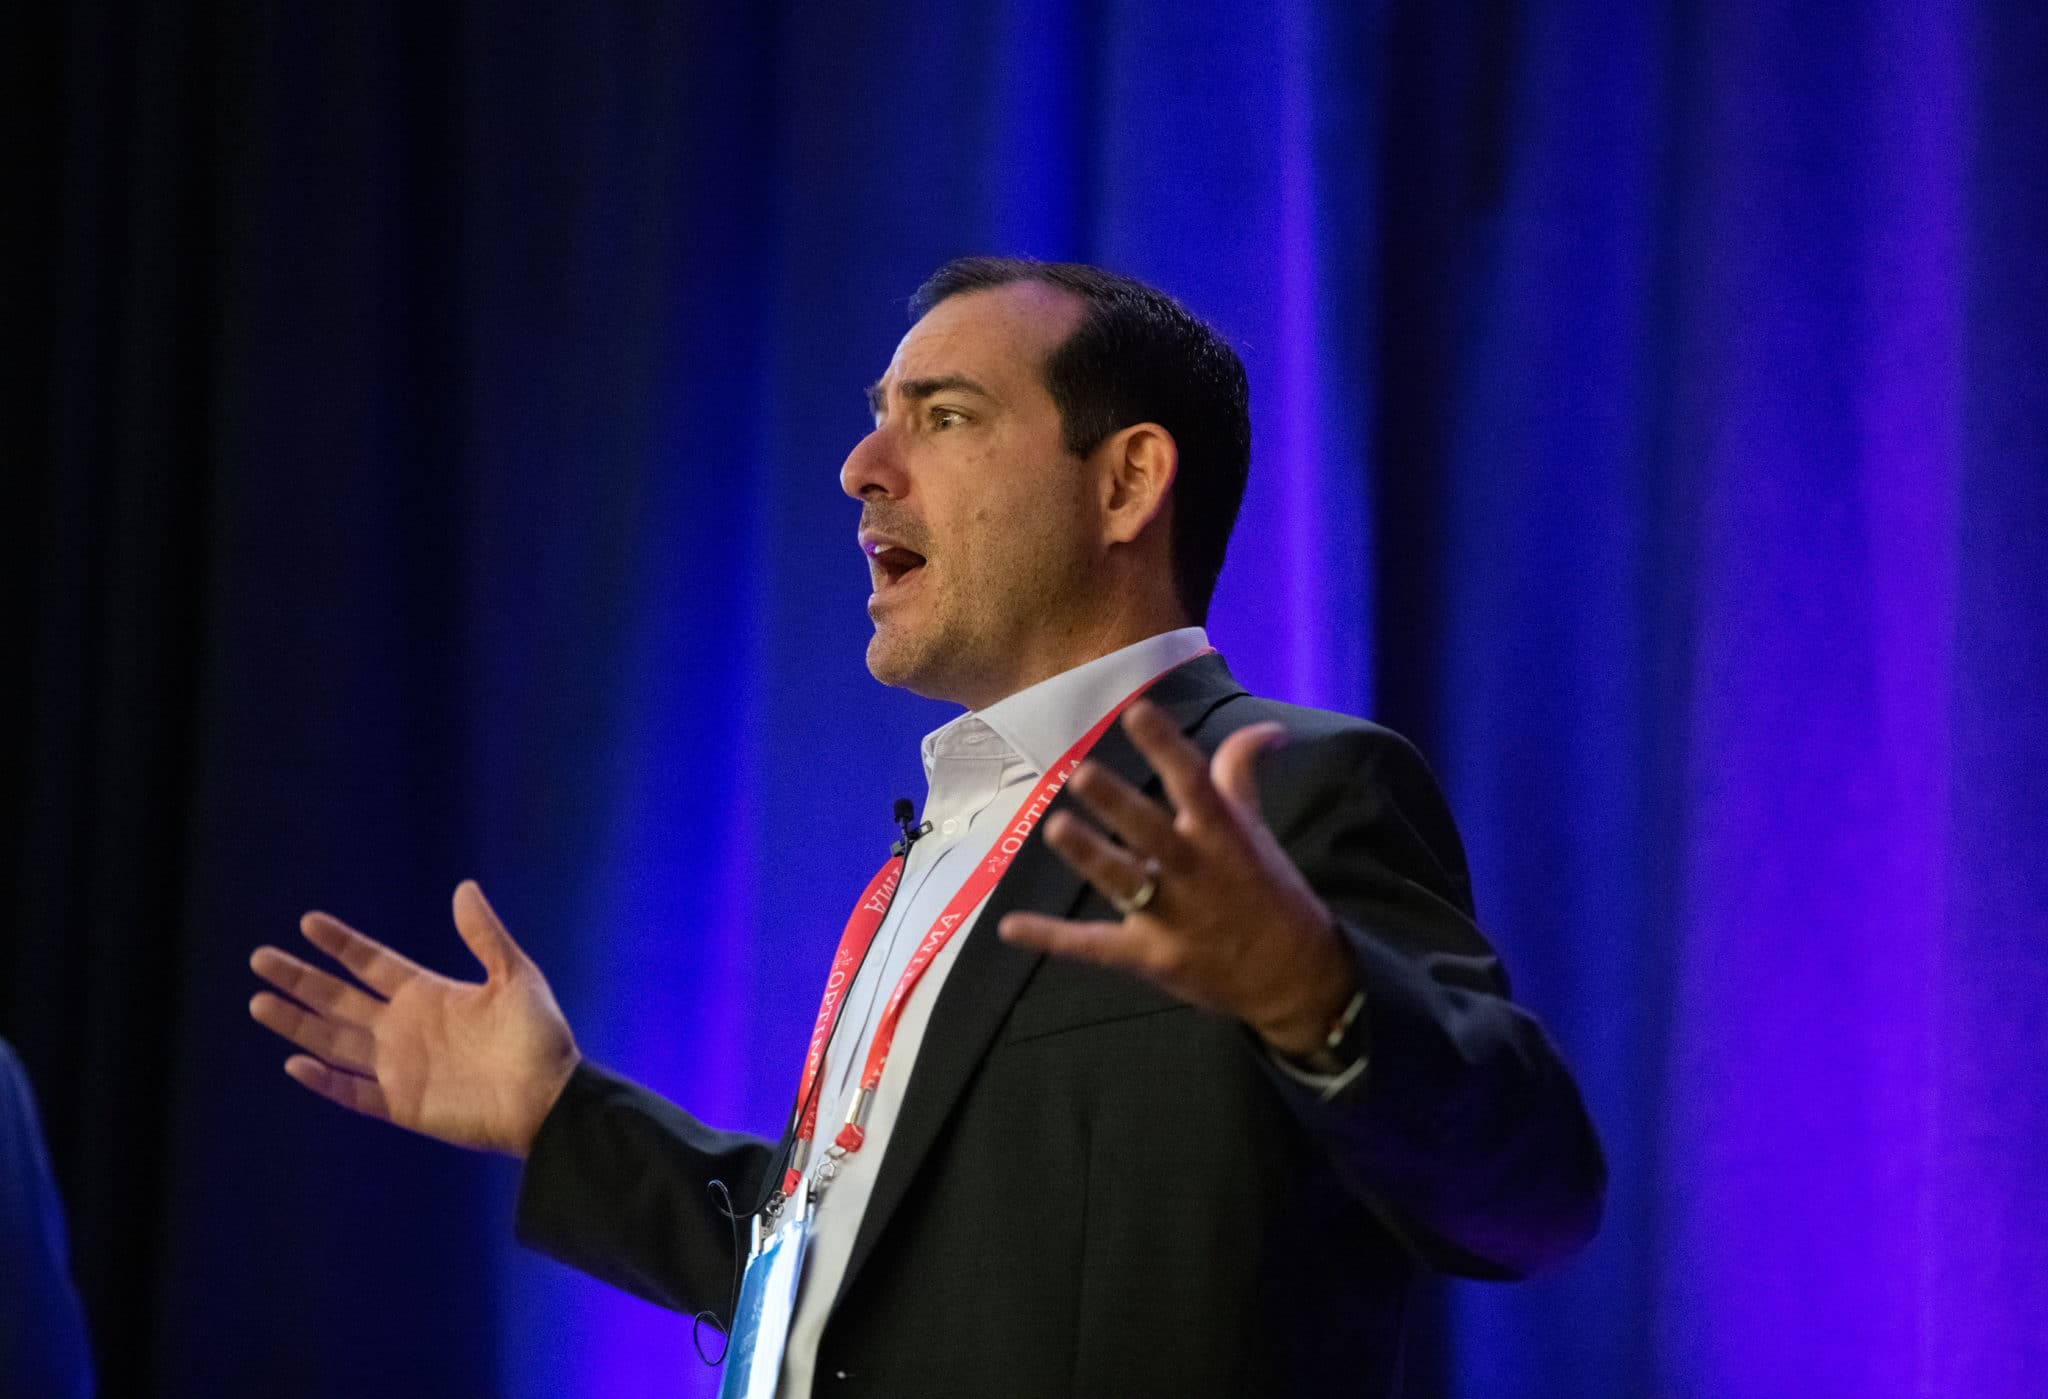 Dr. Greg Barnett speaking at the OPTIMA 2019 conference